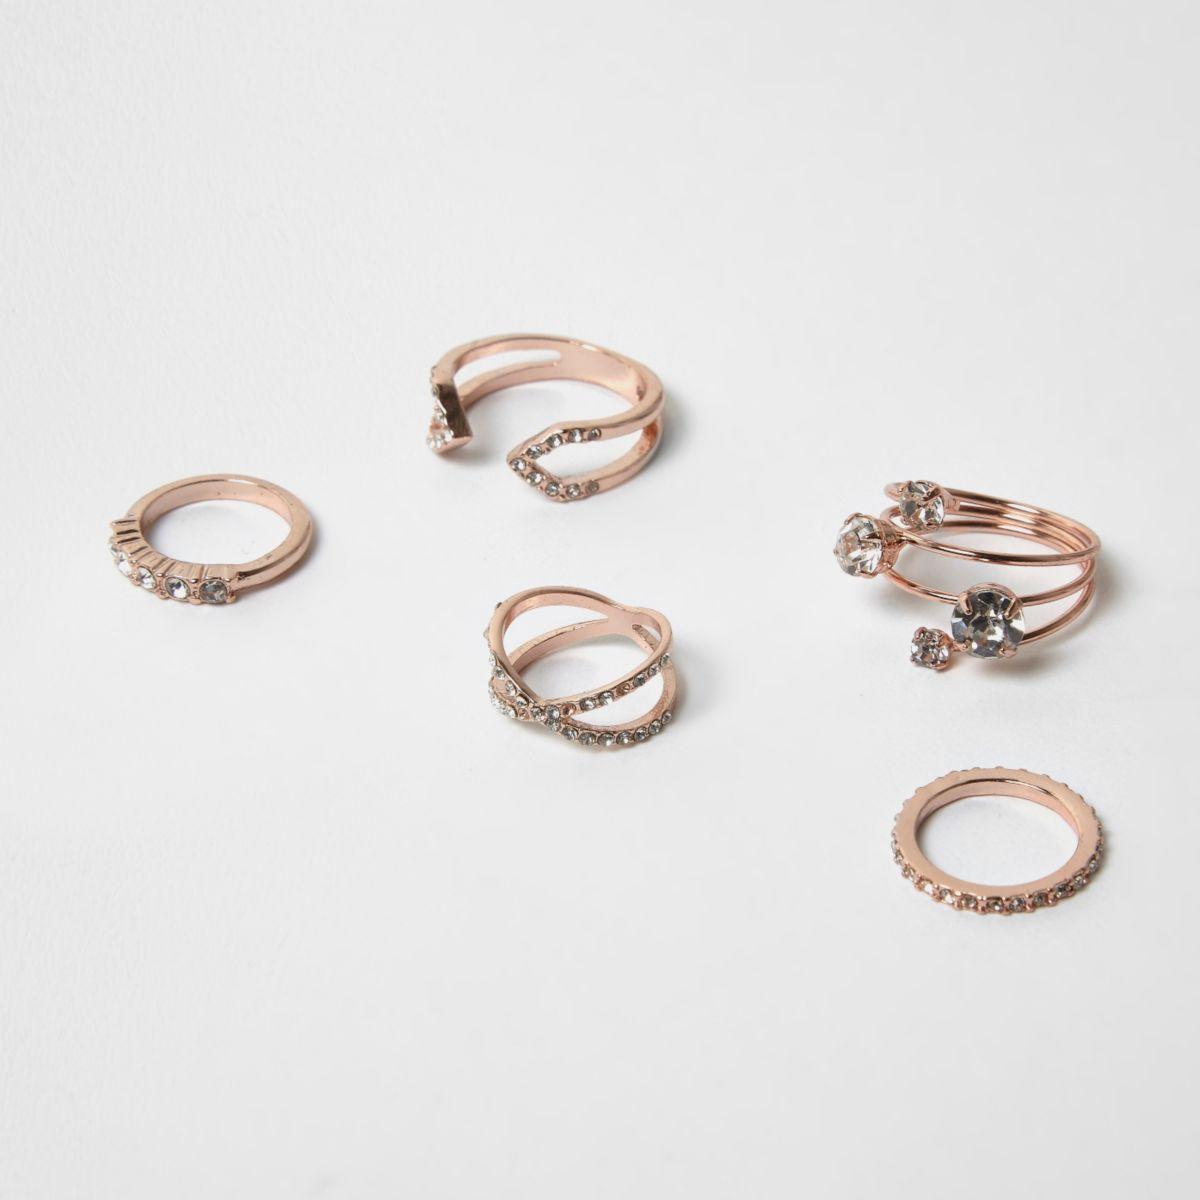 Rose gold tone diamante rings pack